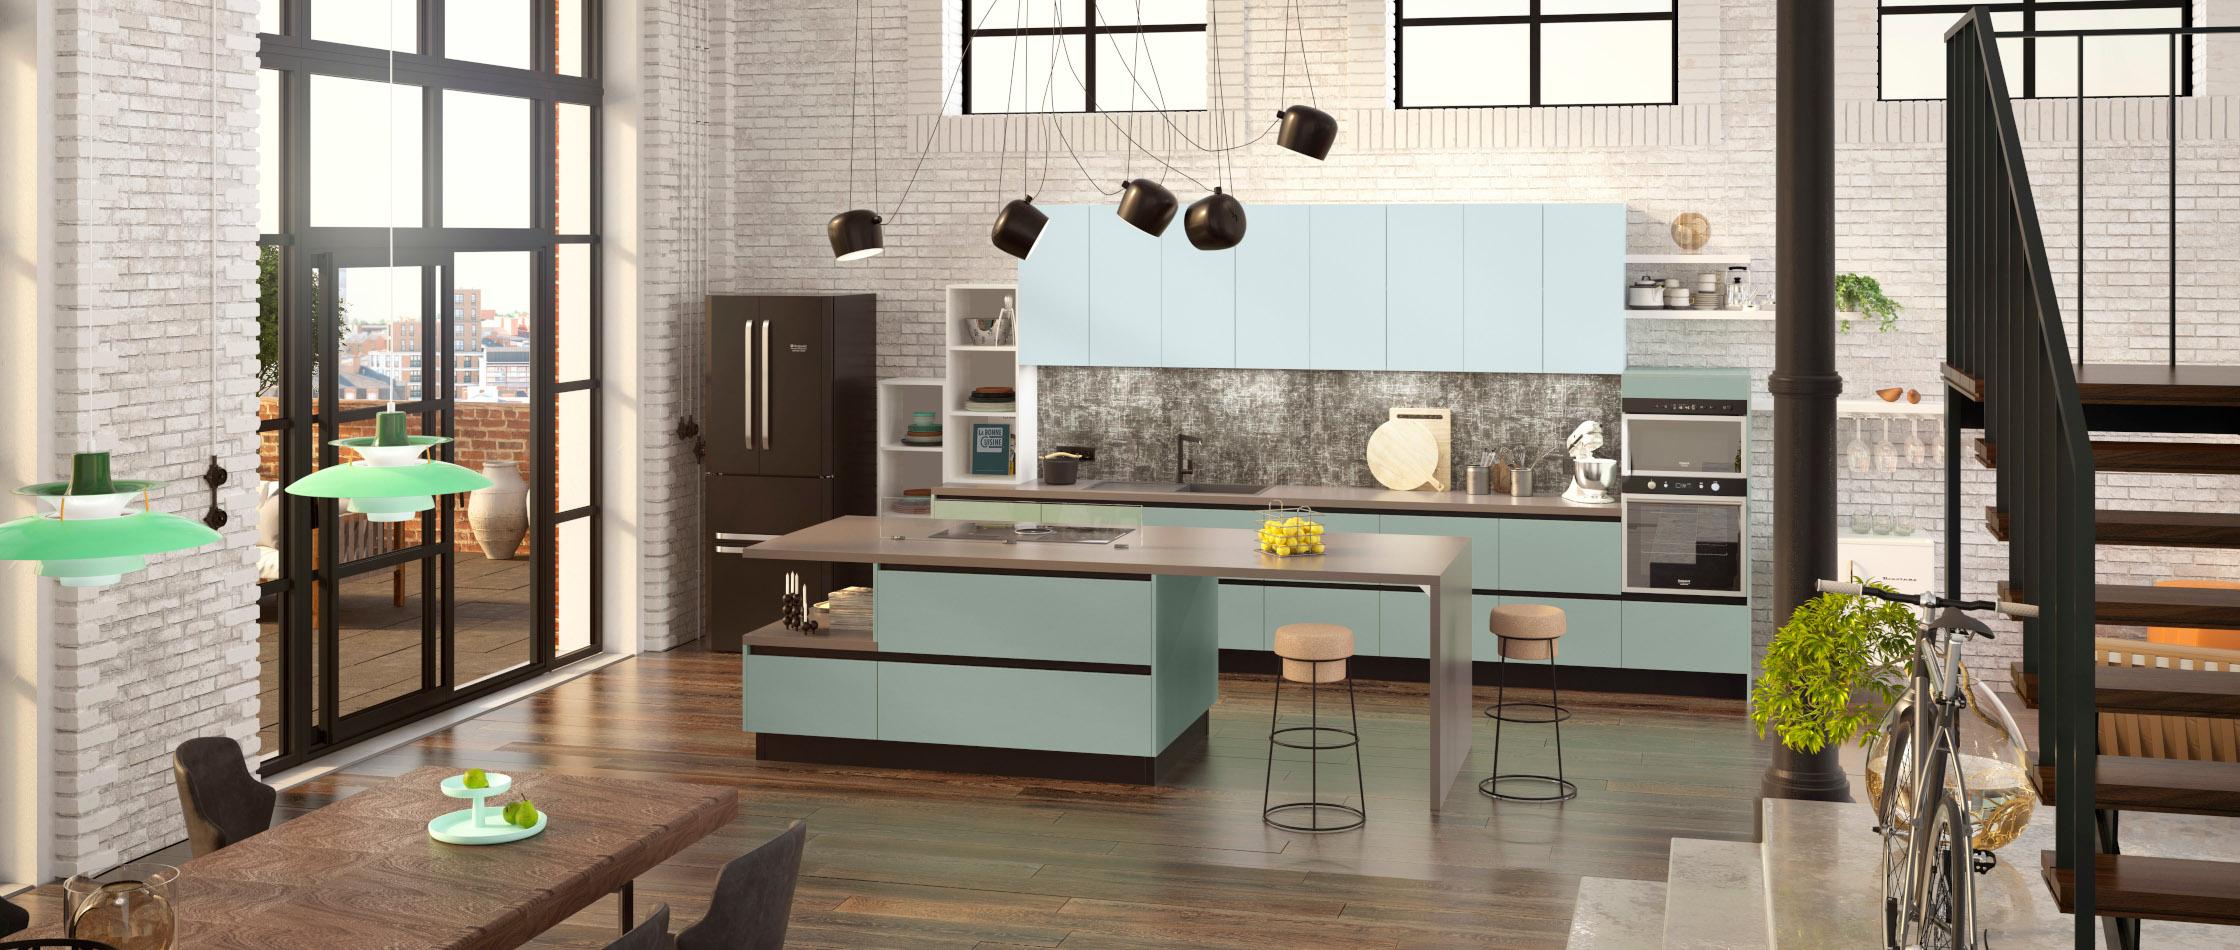 Exemple Ilot Central Cuisine nos cuisines : design, moderne, bois, avec îlot - comera